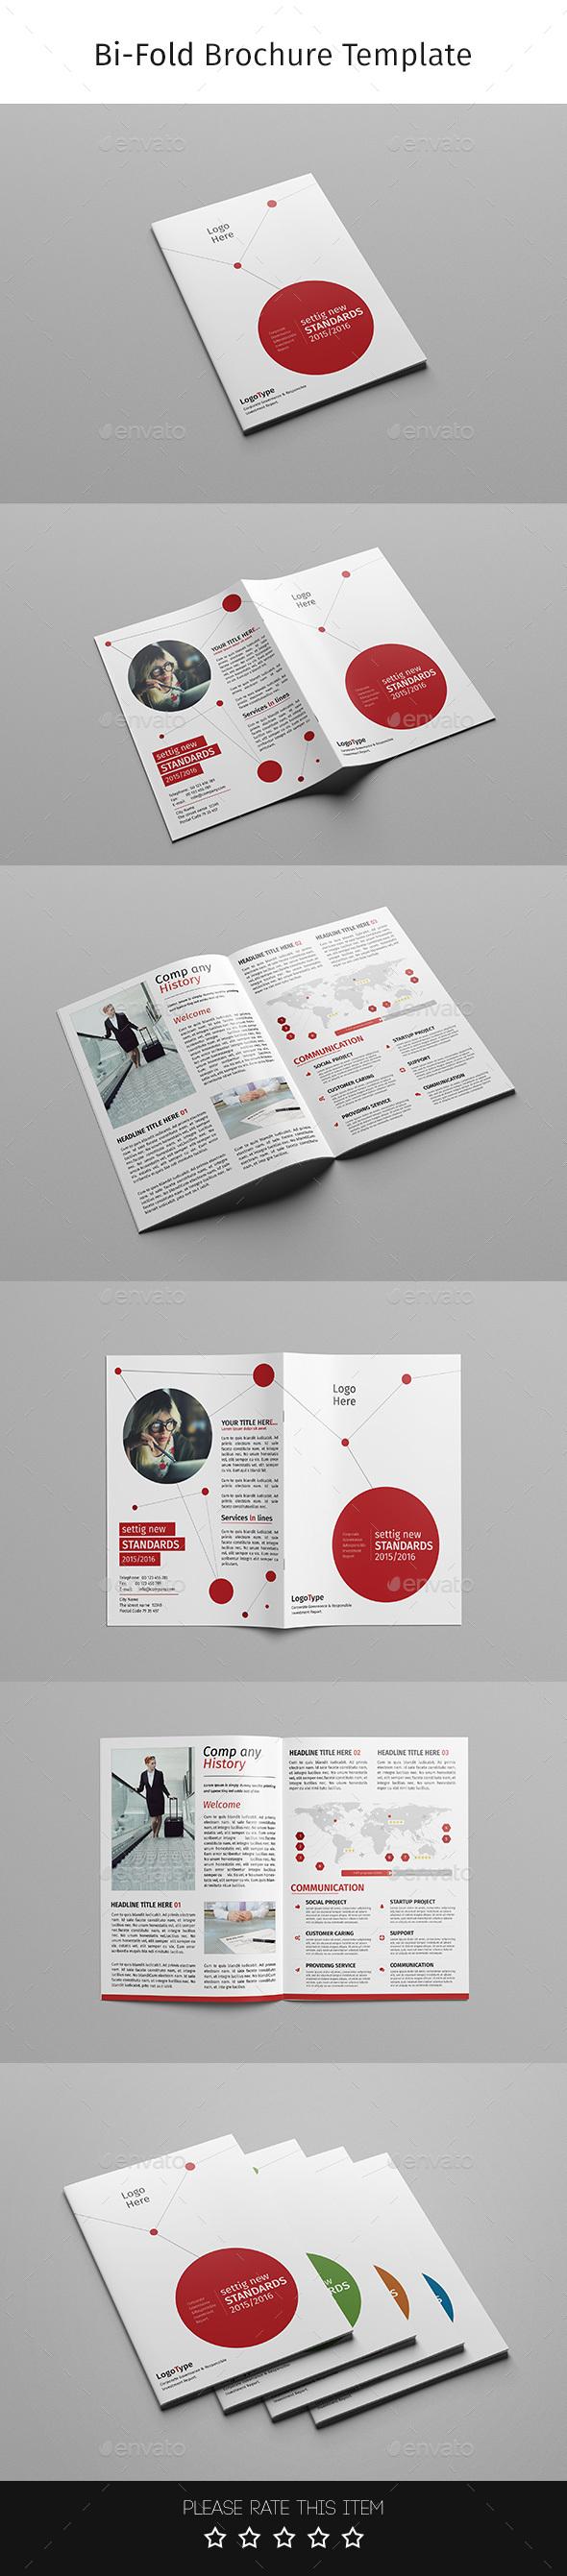 Corporate Bi-fold Brochure-Multipurpose 07 - Corporate Brochures